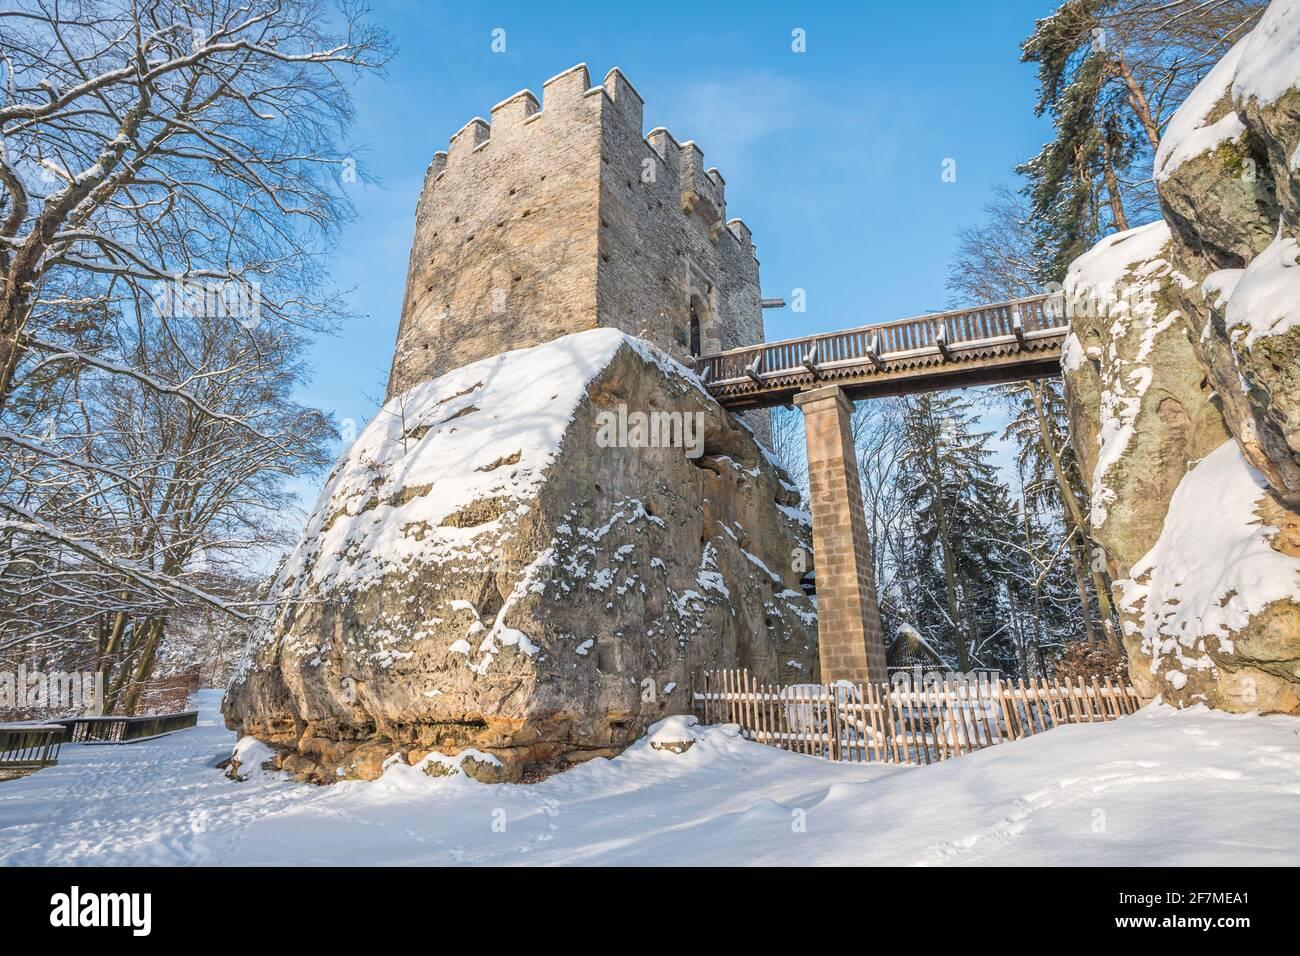 Château médiéval de Kokorin dans le parc national de Kokorinsko à proximité de Prague en République tchèque, en Europe. Banque D'Images